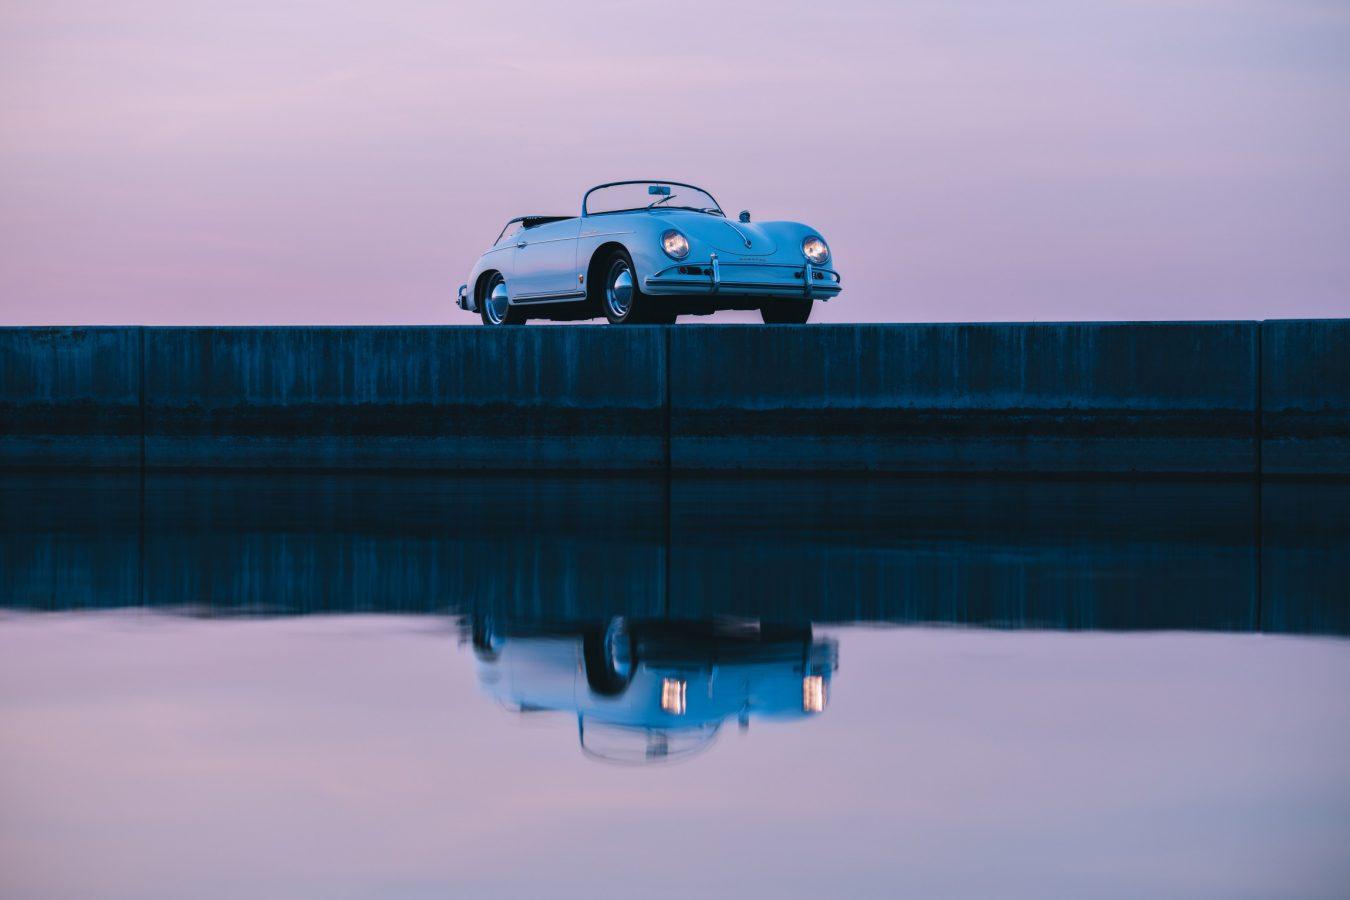 Weißer Porsche auf Steg